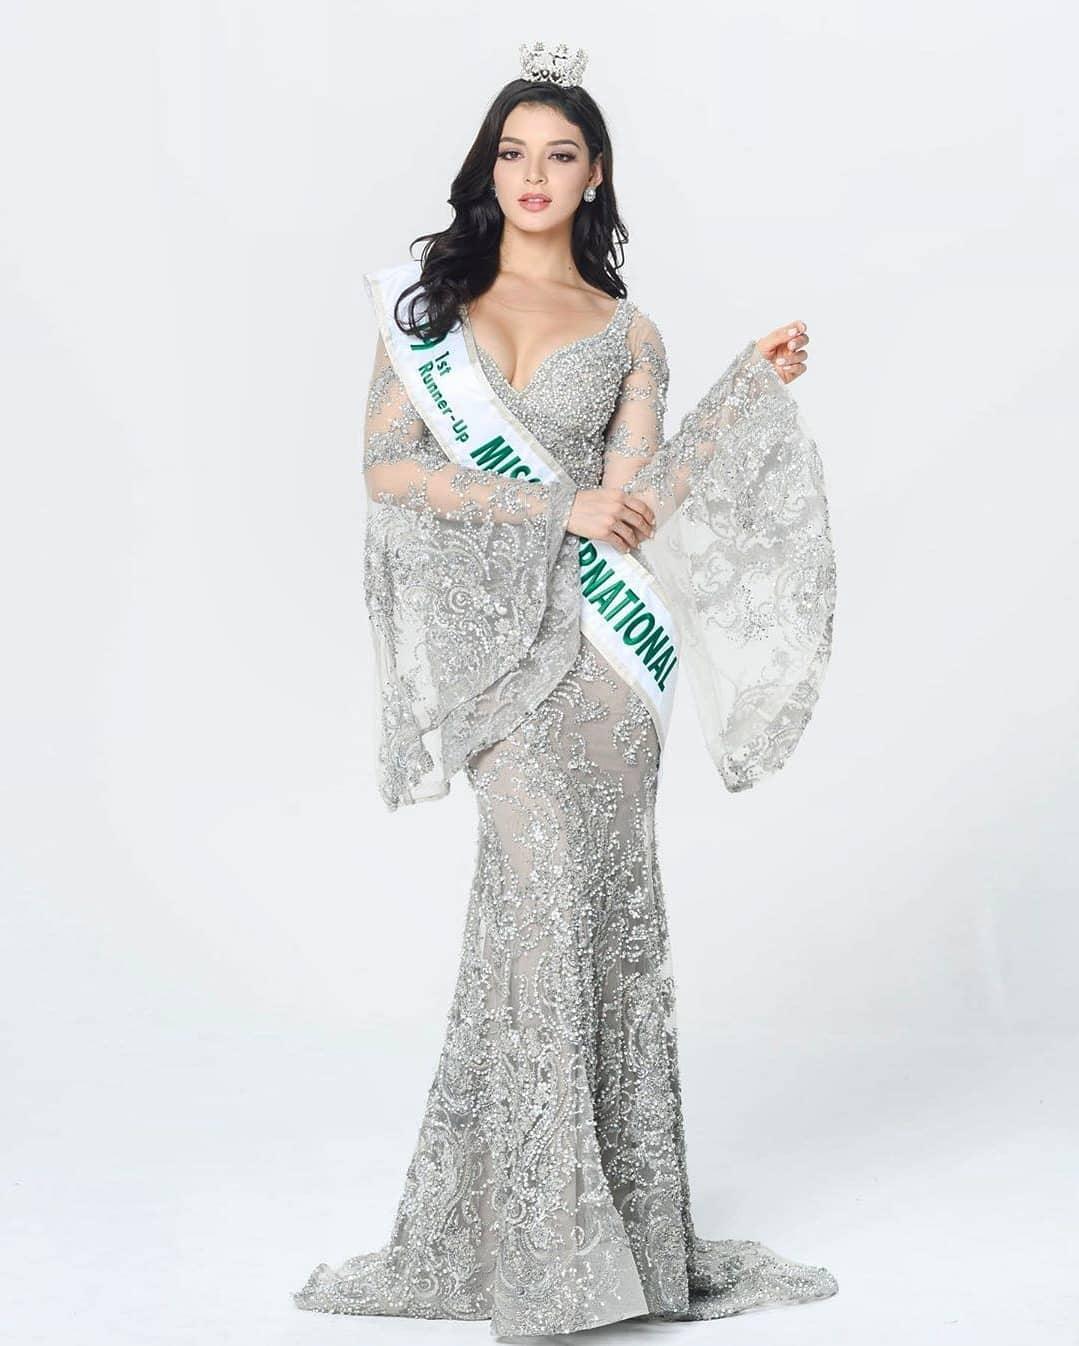 andrea toscano, 1st runner-up de miss international 2019. - Página 43 77119411